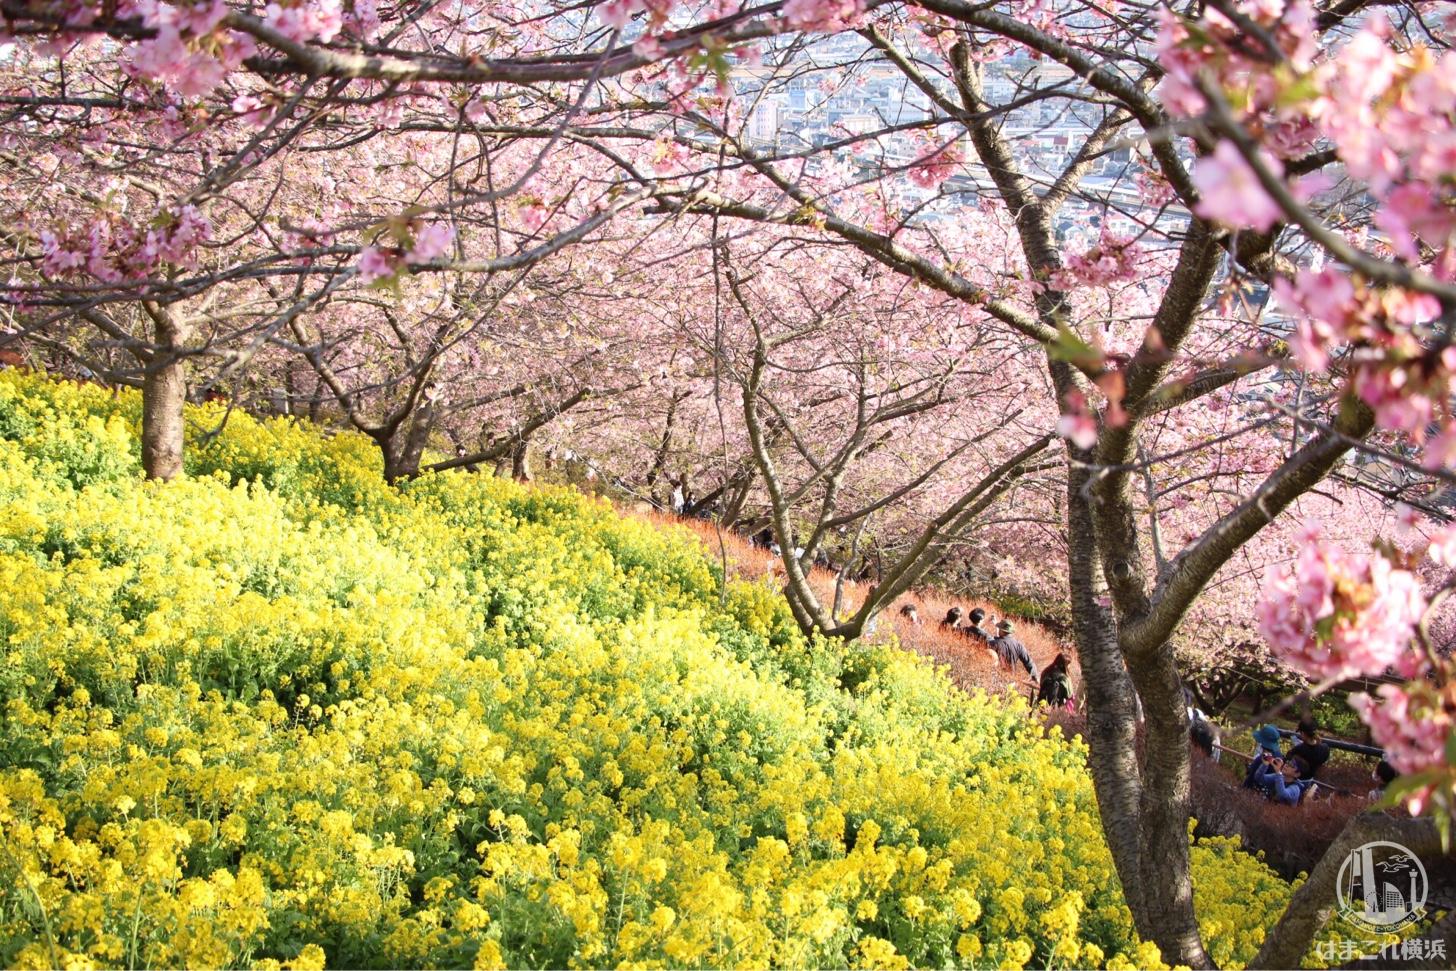 神奈川県 河津桜スポット「まつだ桜まつり」は上も下も河津桜!満開菜の花と富士山も